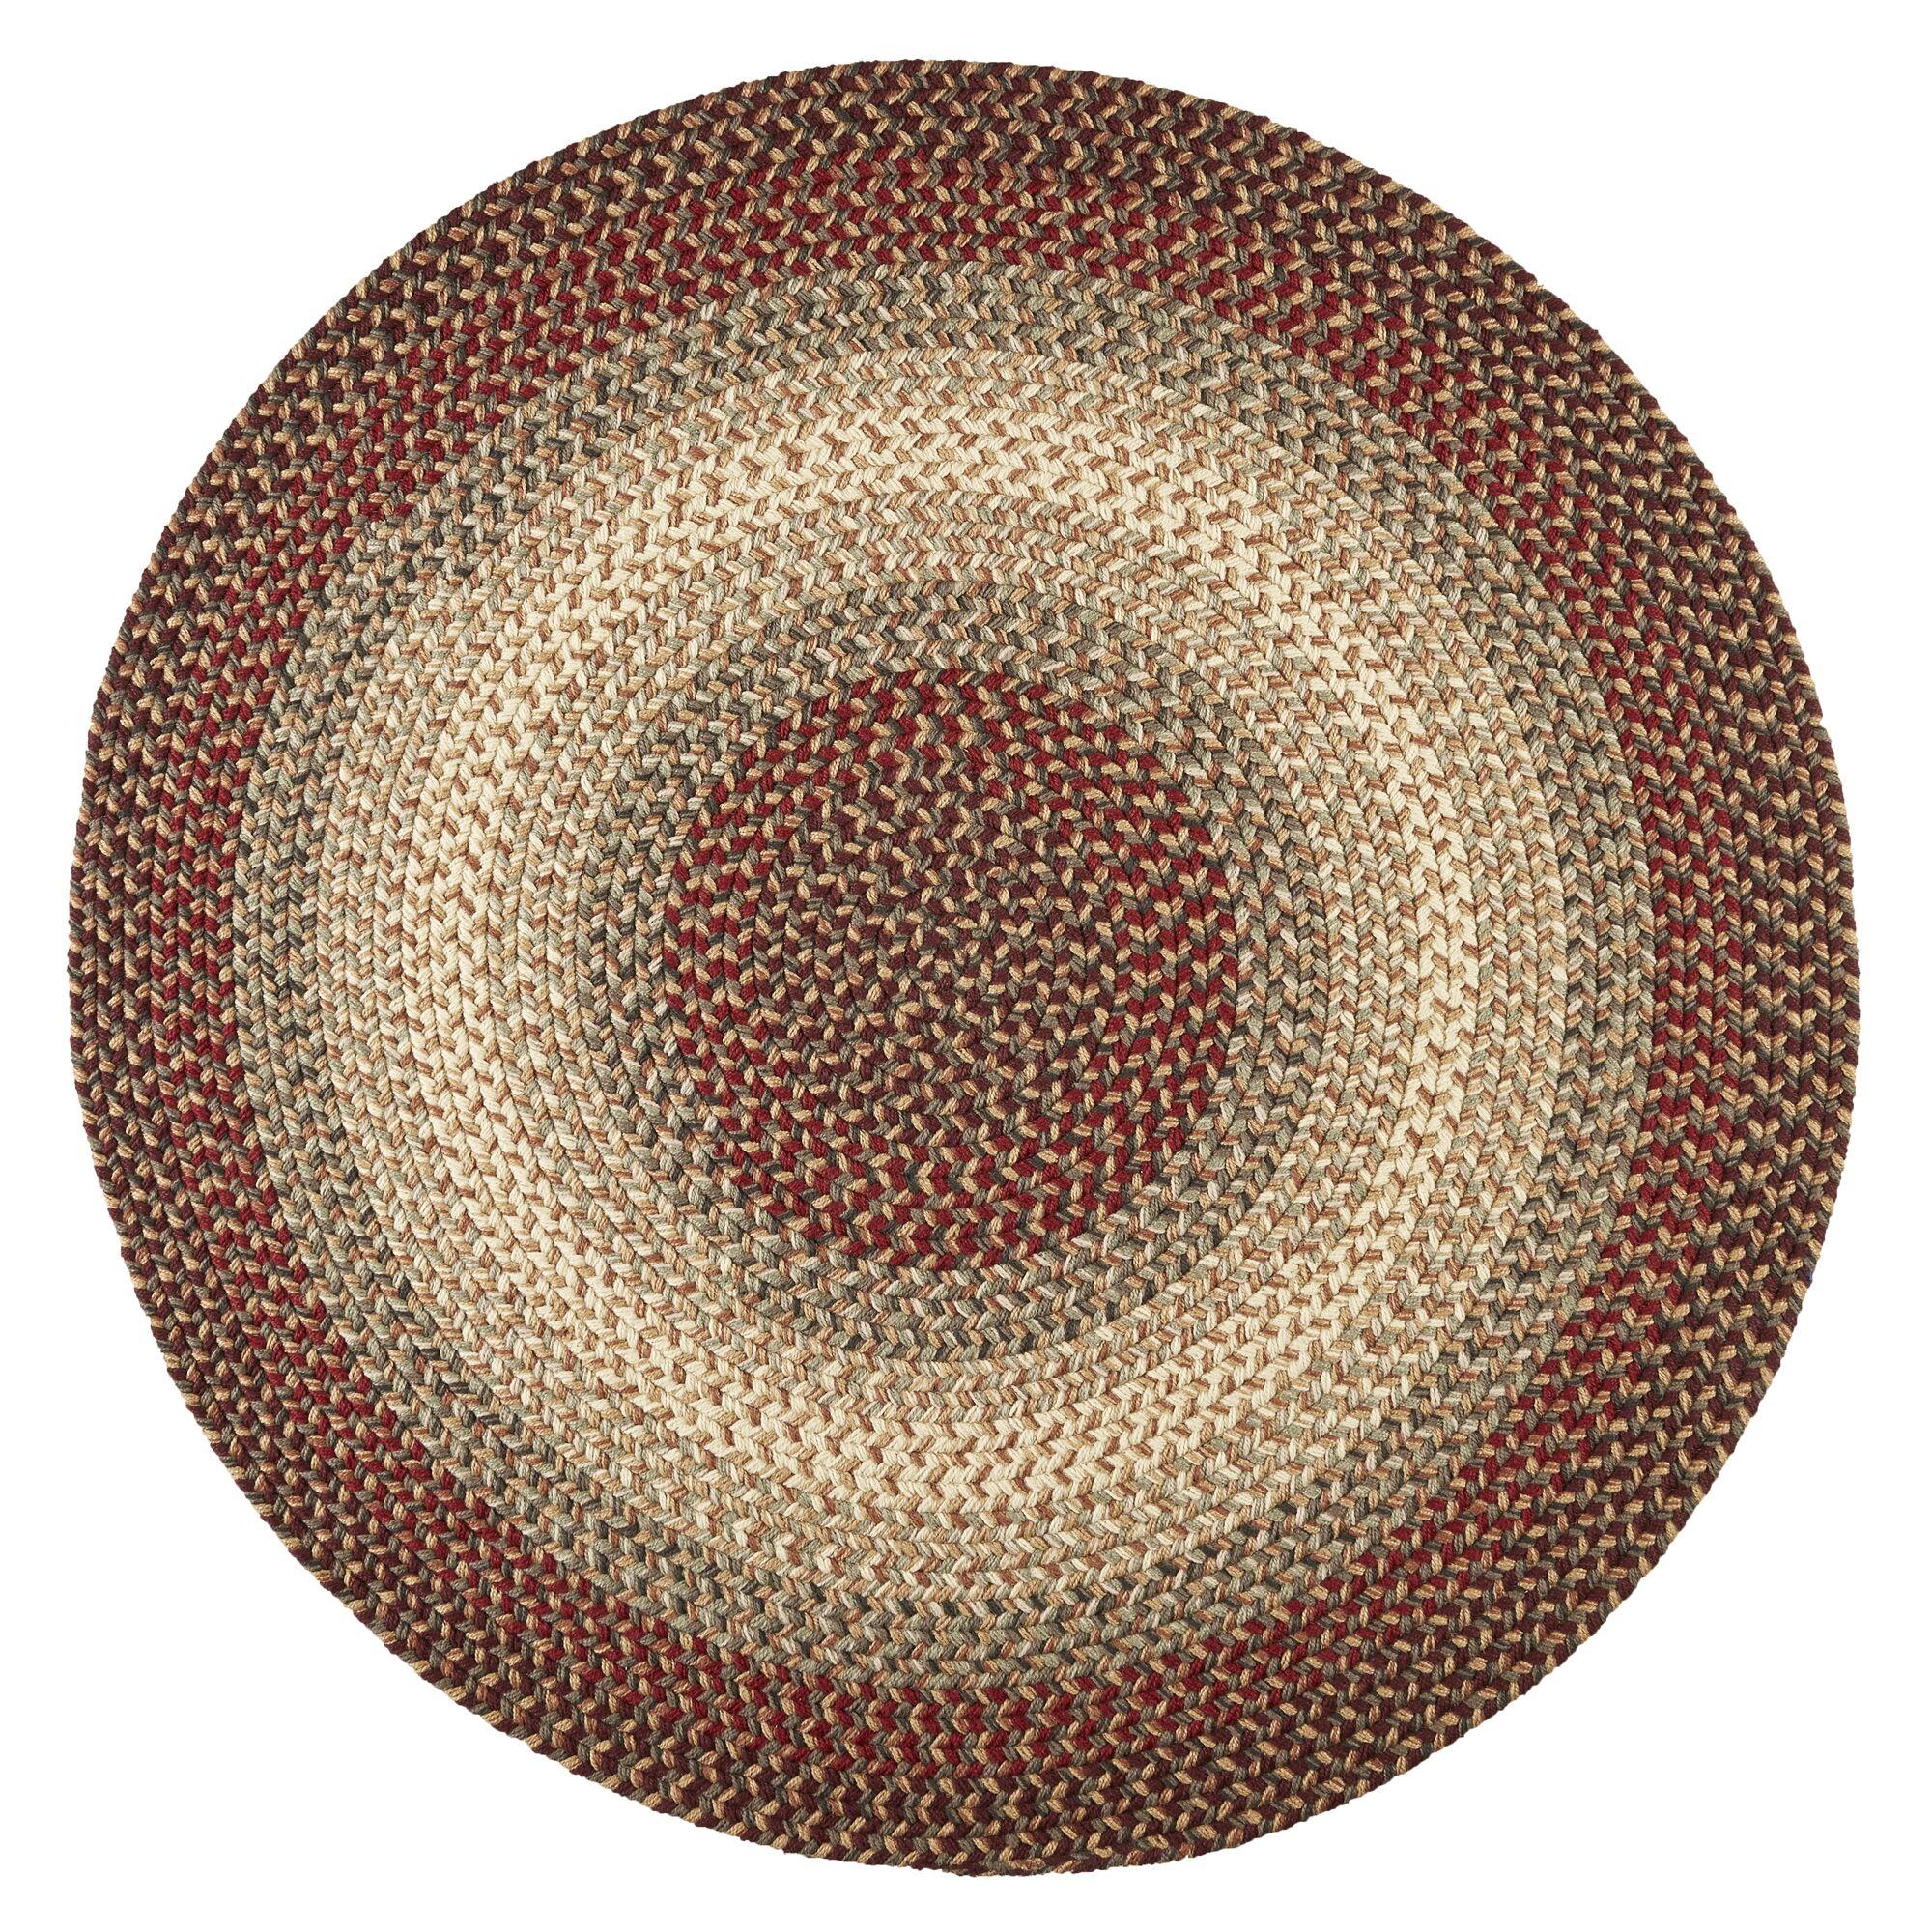 Handmade Indoor/Outdoor Area Rug Rug Size: Round 6'